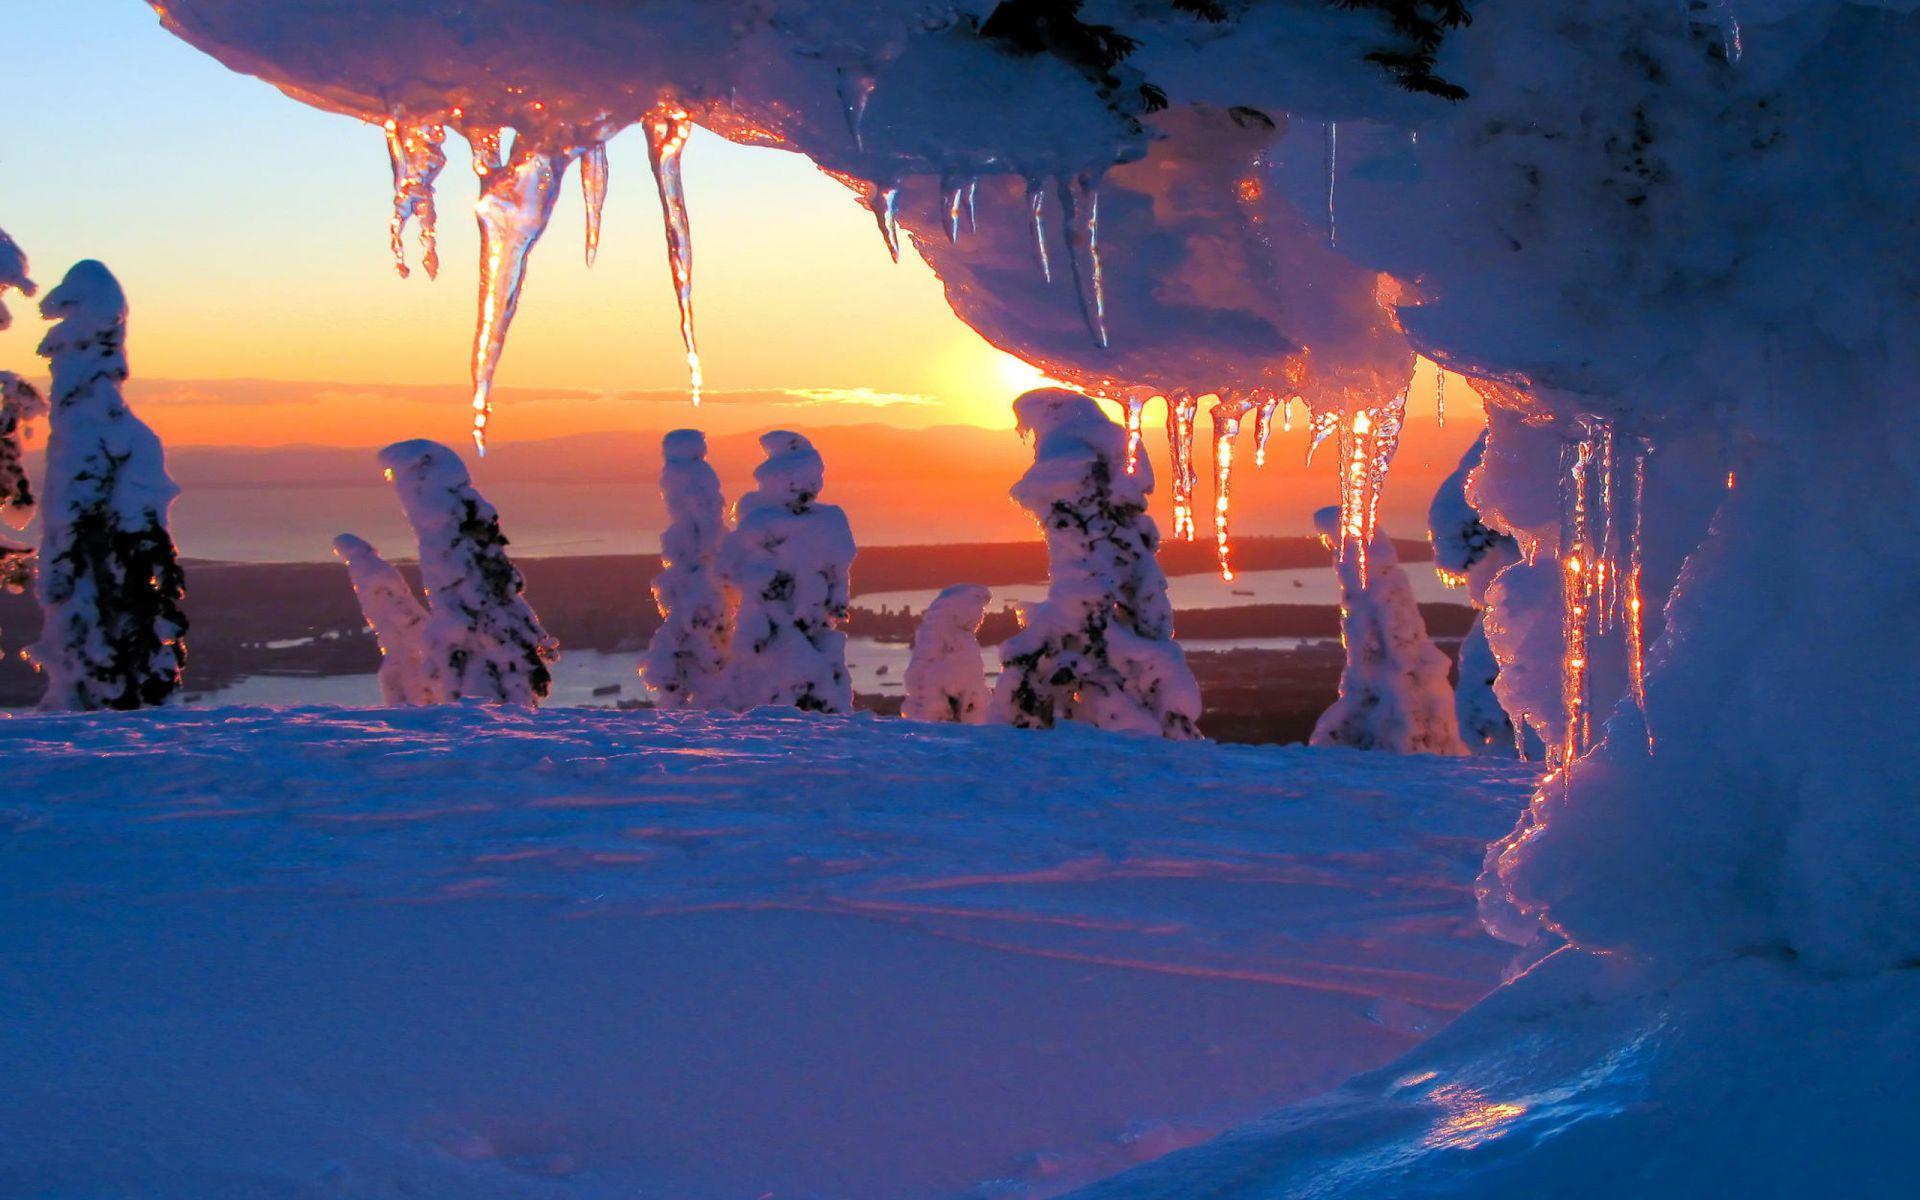 nature scenery winter